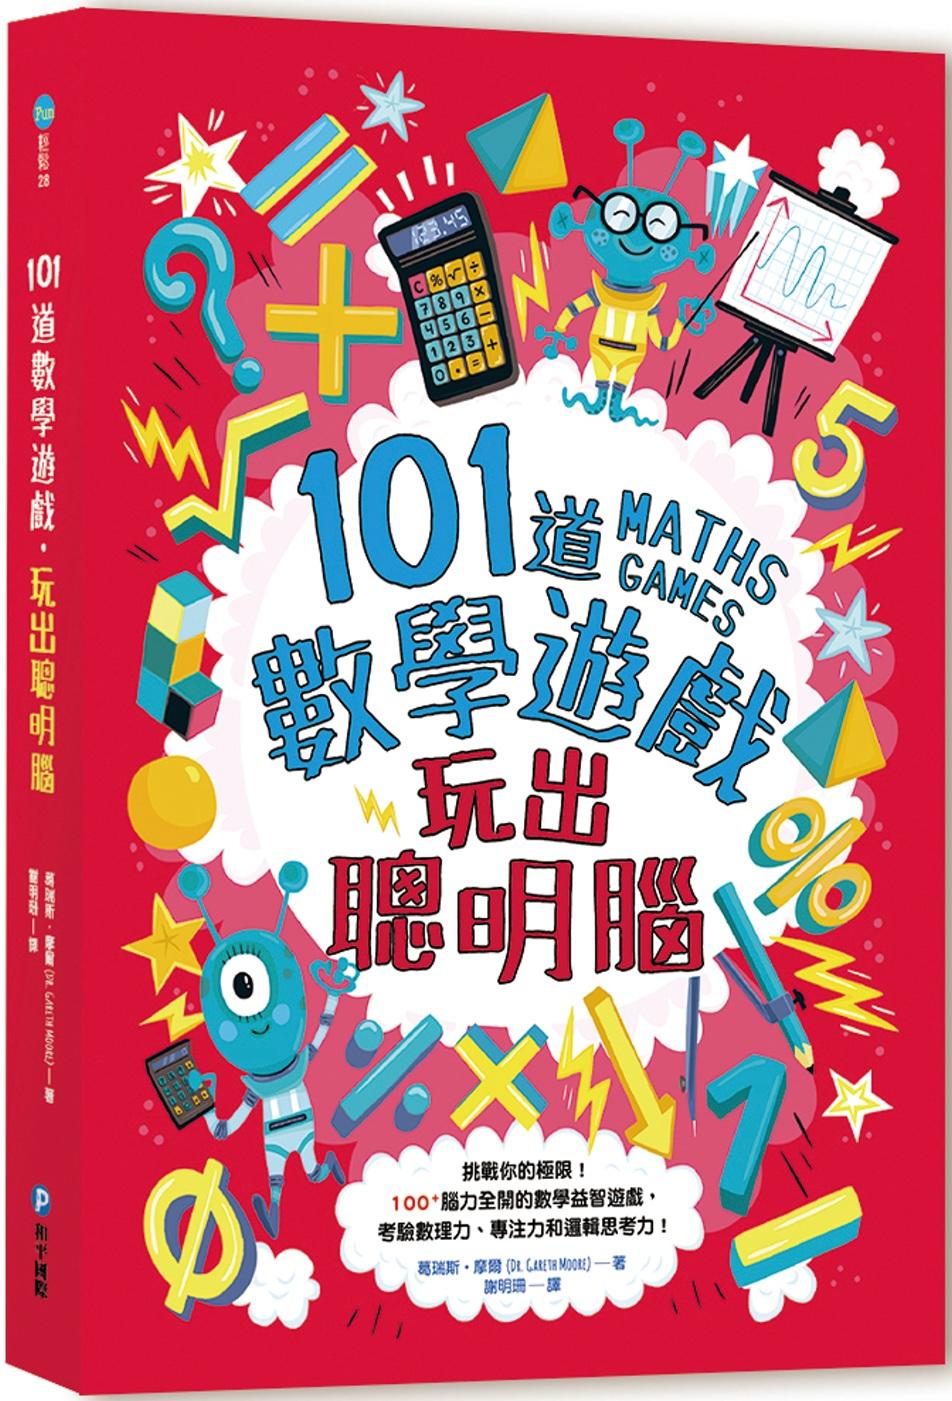 101道數學遊戲‧玩出聰明腦:挑戰你的極限!100+腦力全開的數學益智遊戲,考驗數理力、專注力和邏輯思考力!